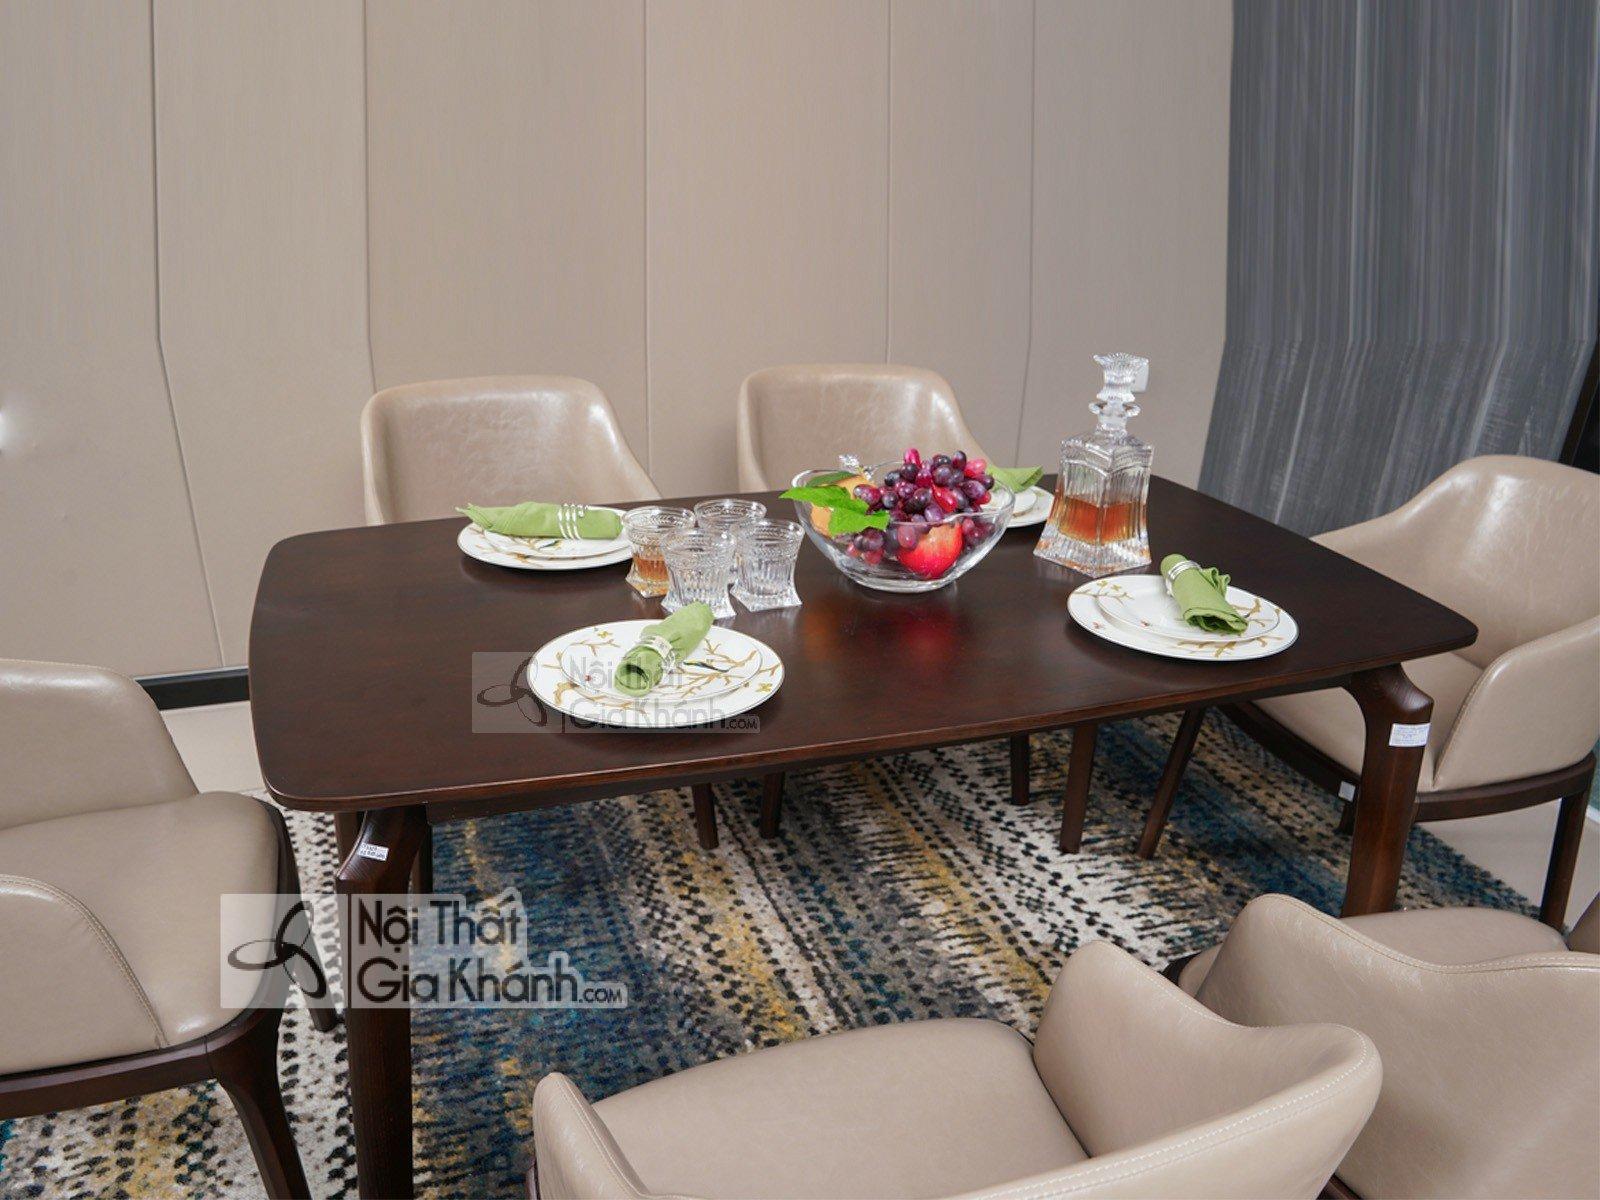 Tuyển tập mẫu bàn ăn gỗ đỏ đẹp sang trọng - tuyen tap mau ban an go do dep sang trong 1